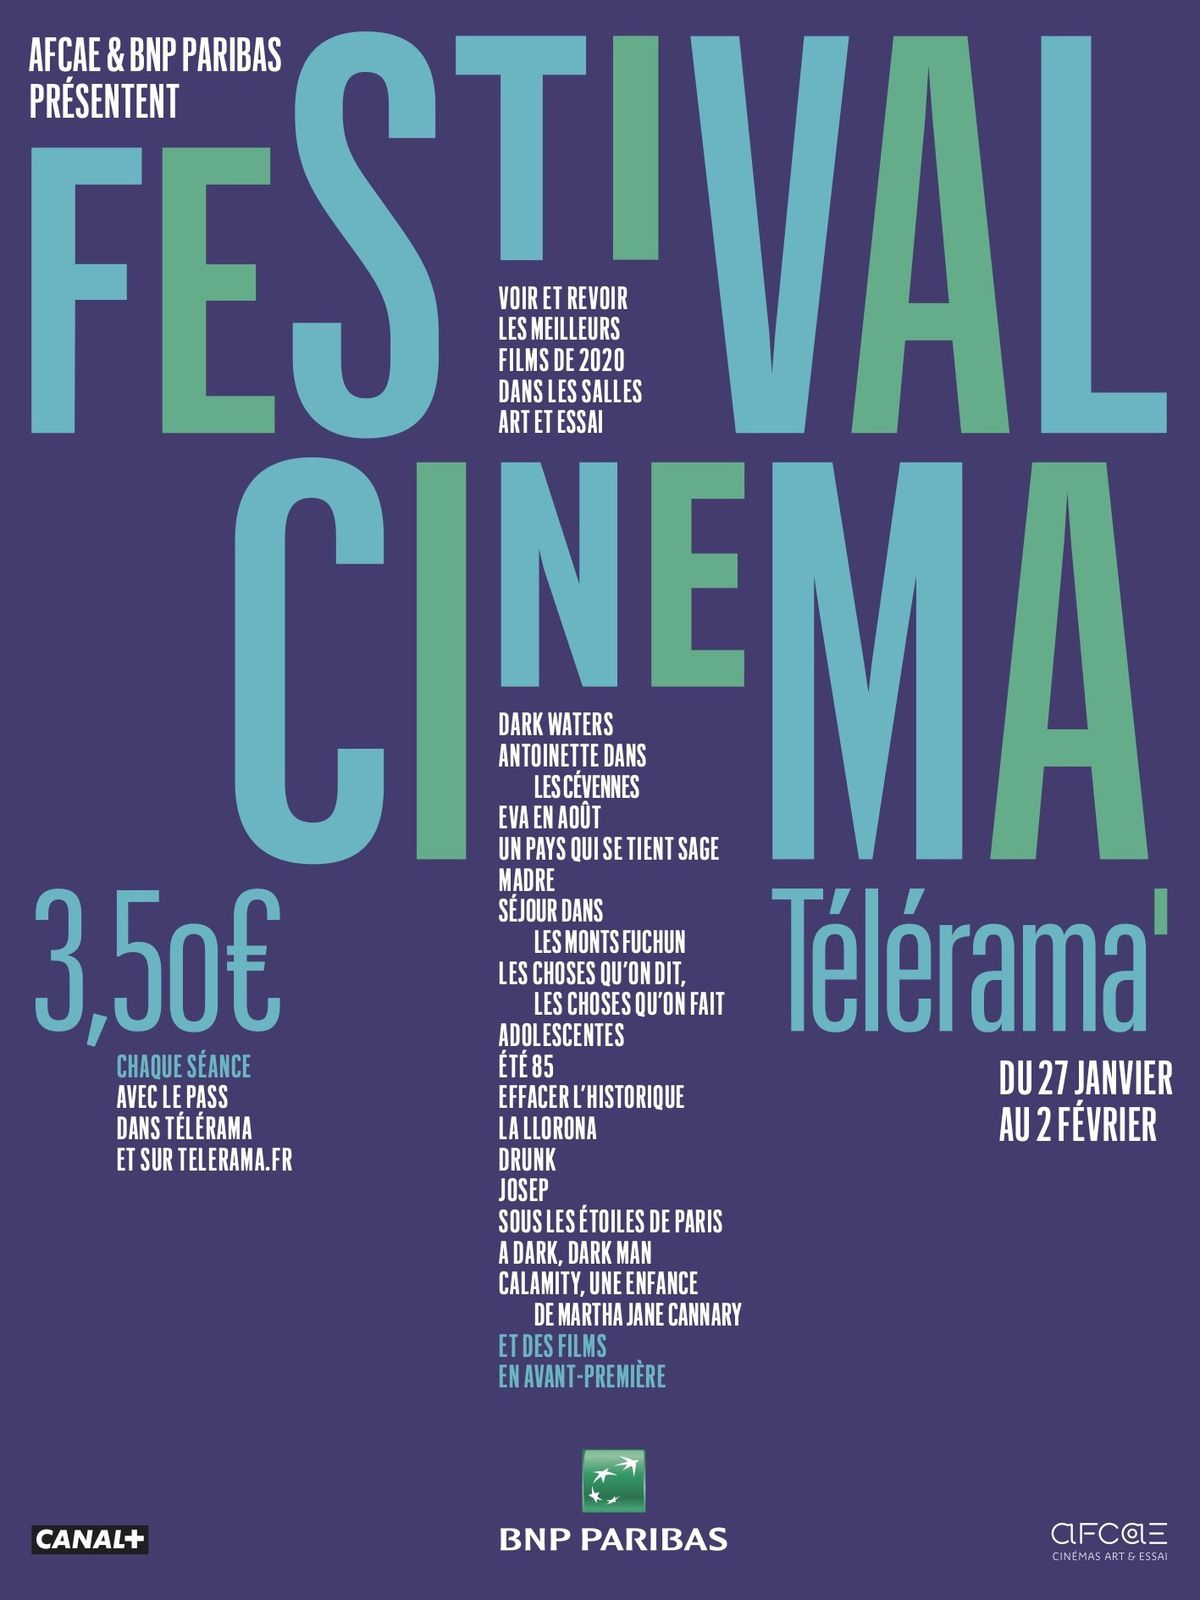 Annulation du Festival cinéma Télérama, qui devait avoir lieu du 27 janvier au 2 février.